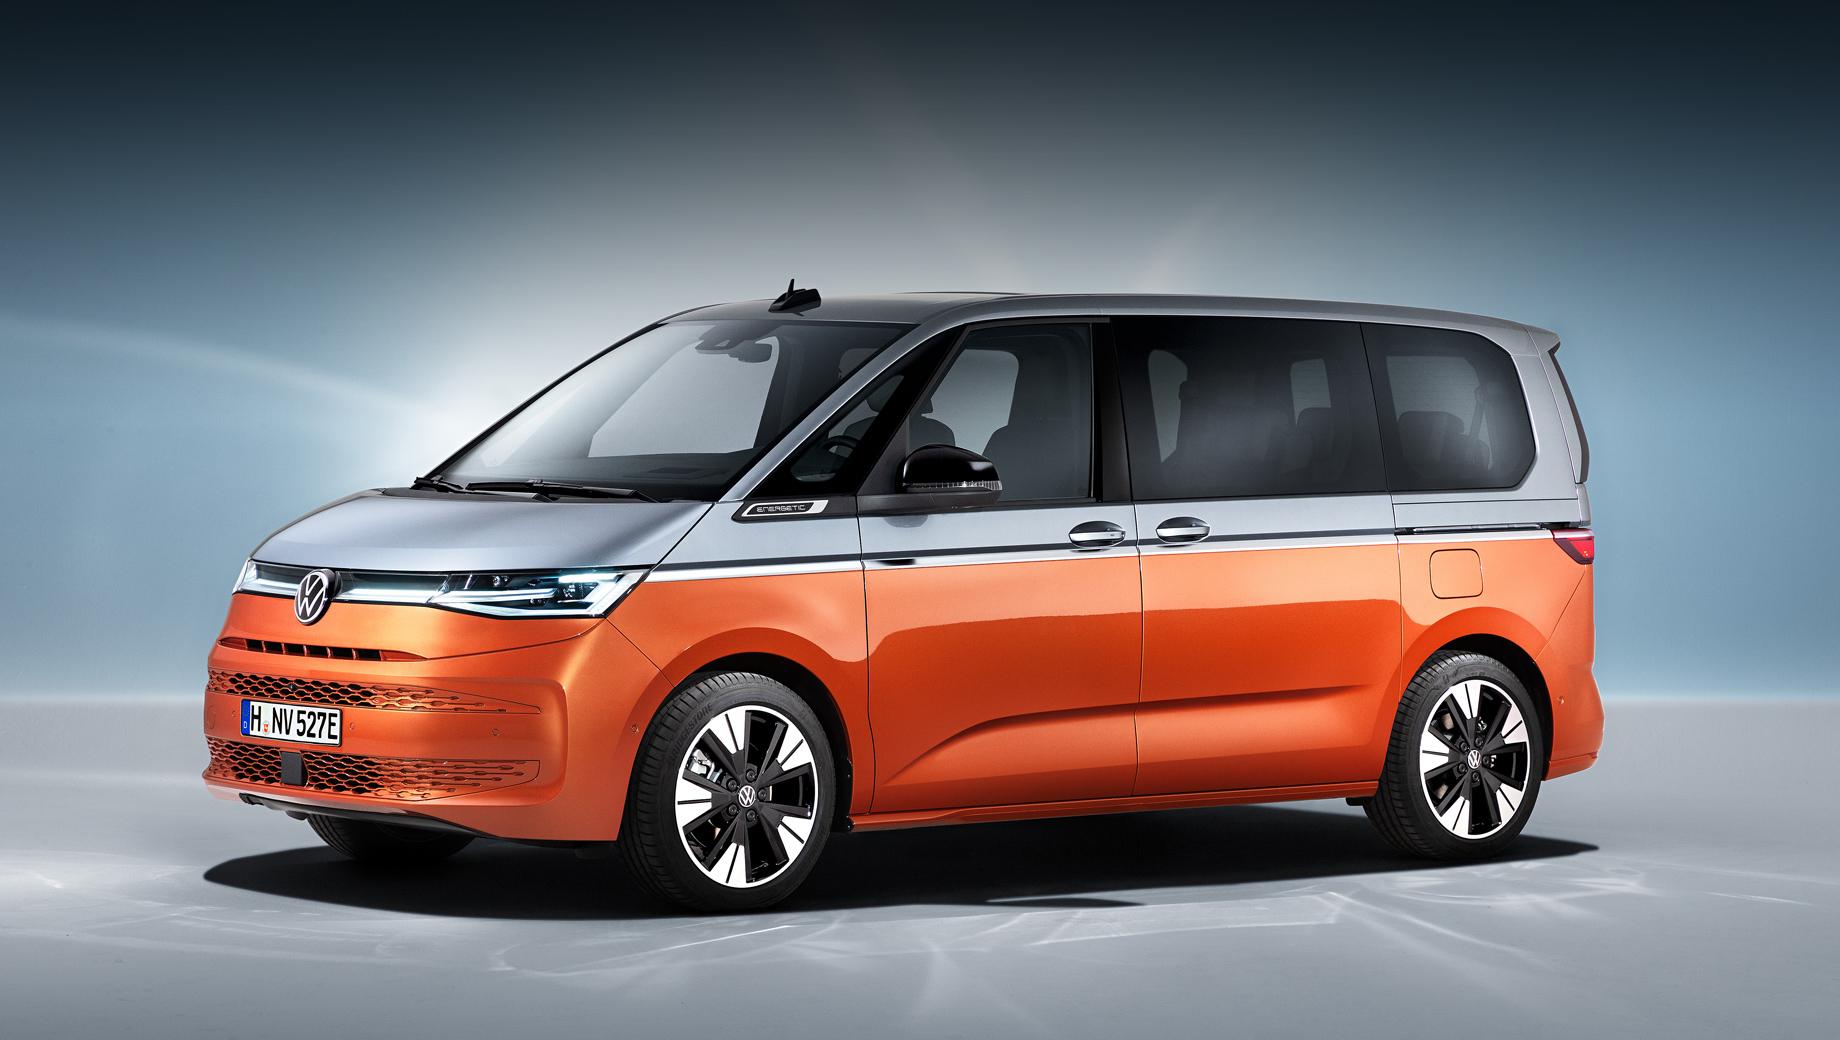 Volkswagen t7,Volkswagen multivan,Volkswagen transporter. Микроавтобус седьмого поколения представлен в варианте Multivan eHybrid.